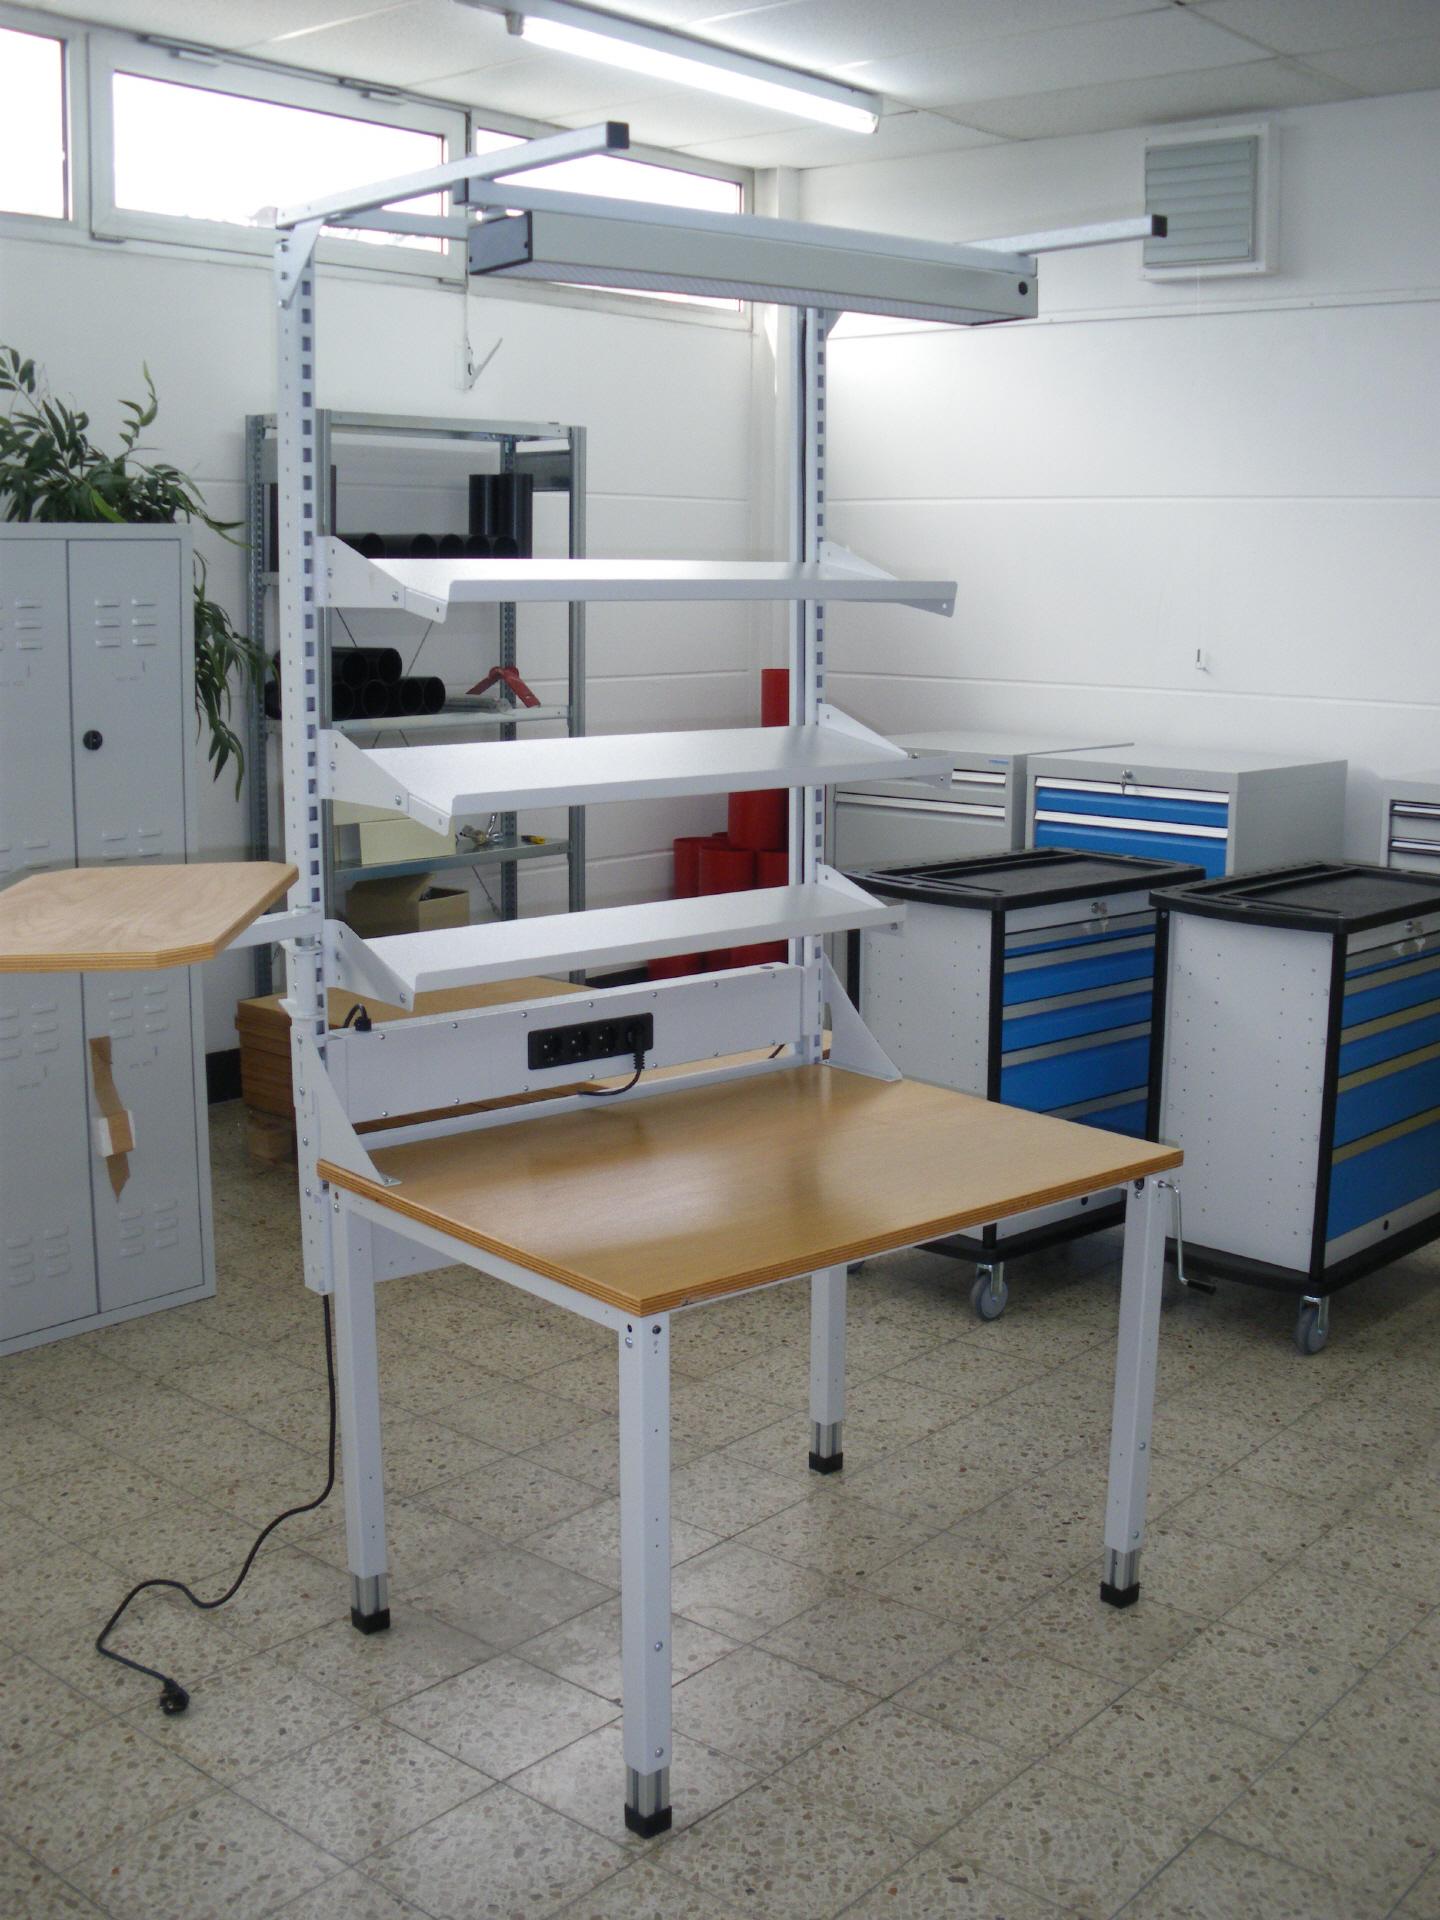 Montage Arbeitstisch Höhenverstellbar Mit Aufbau